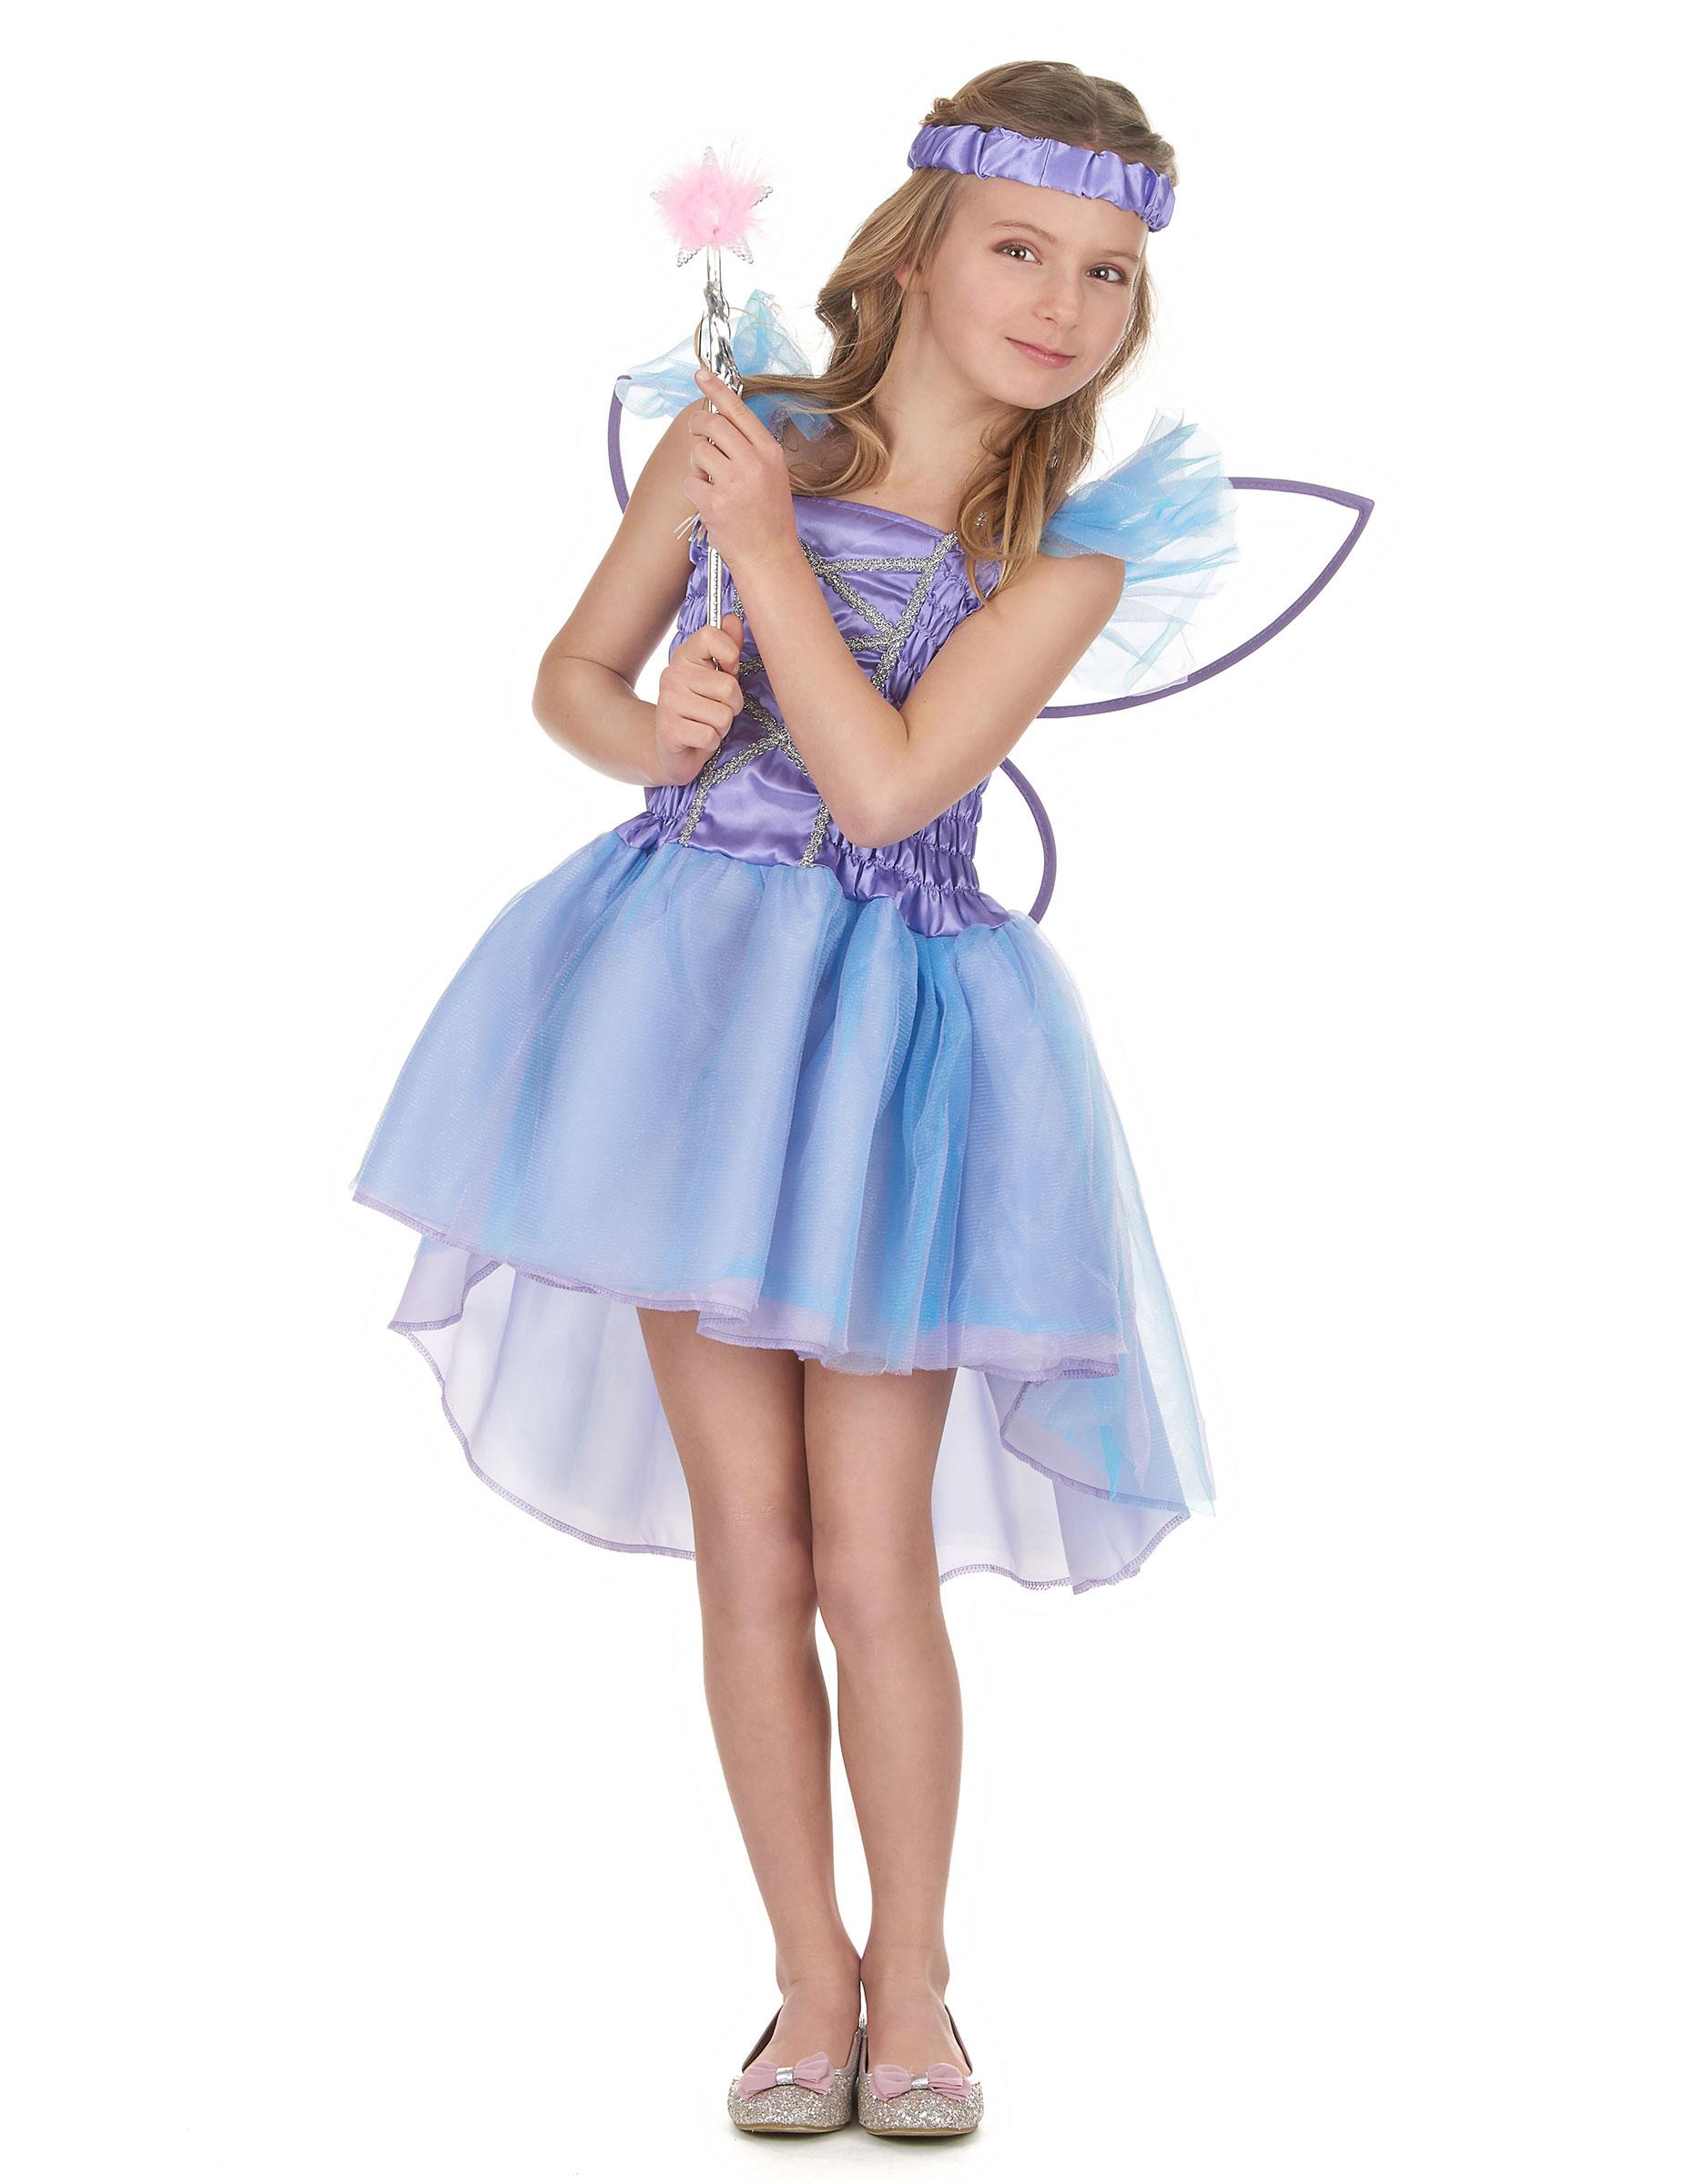 großer Verkauf Sortendesign 100% Spitzenqualität Waldfee Kostüme und süße Fee Kostüme für Mädchen an Fasching ...